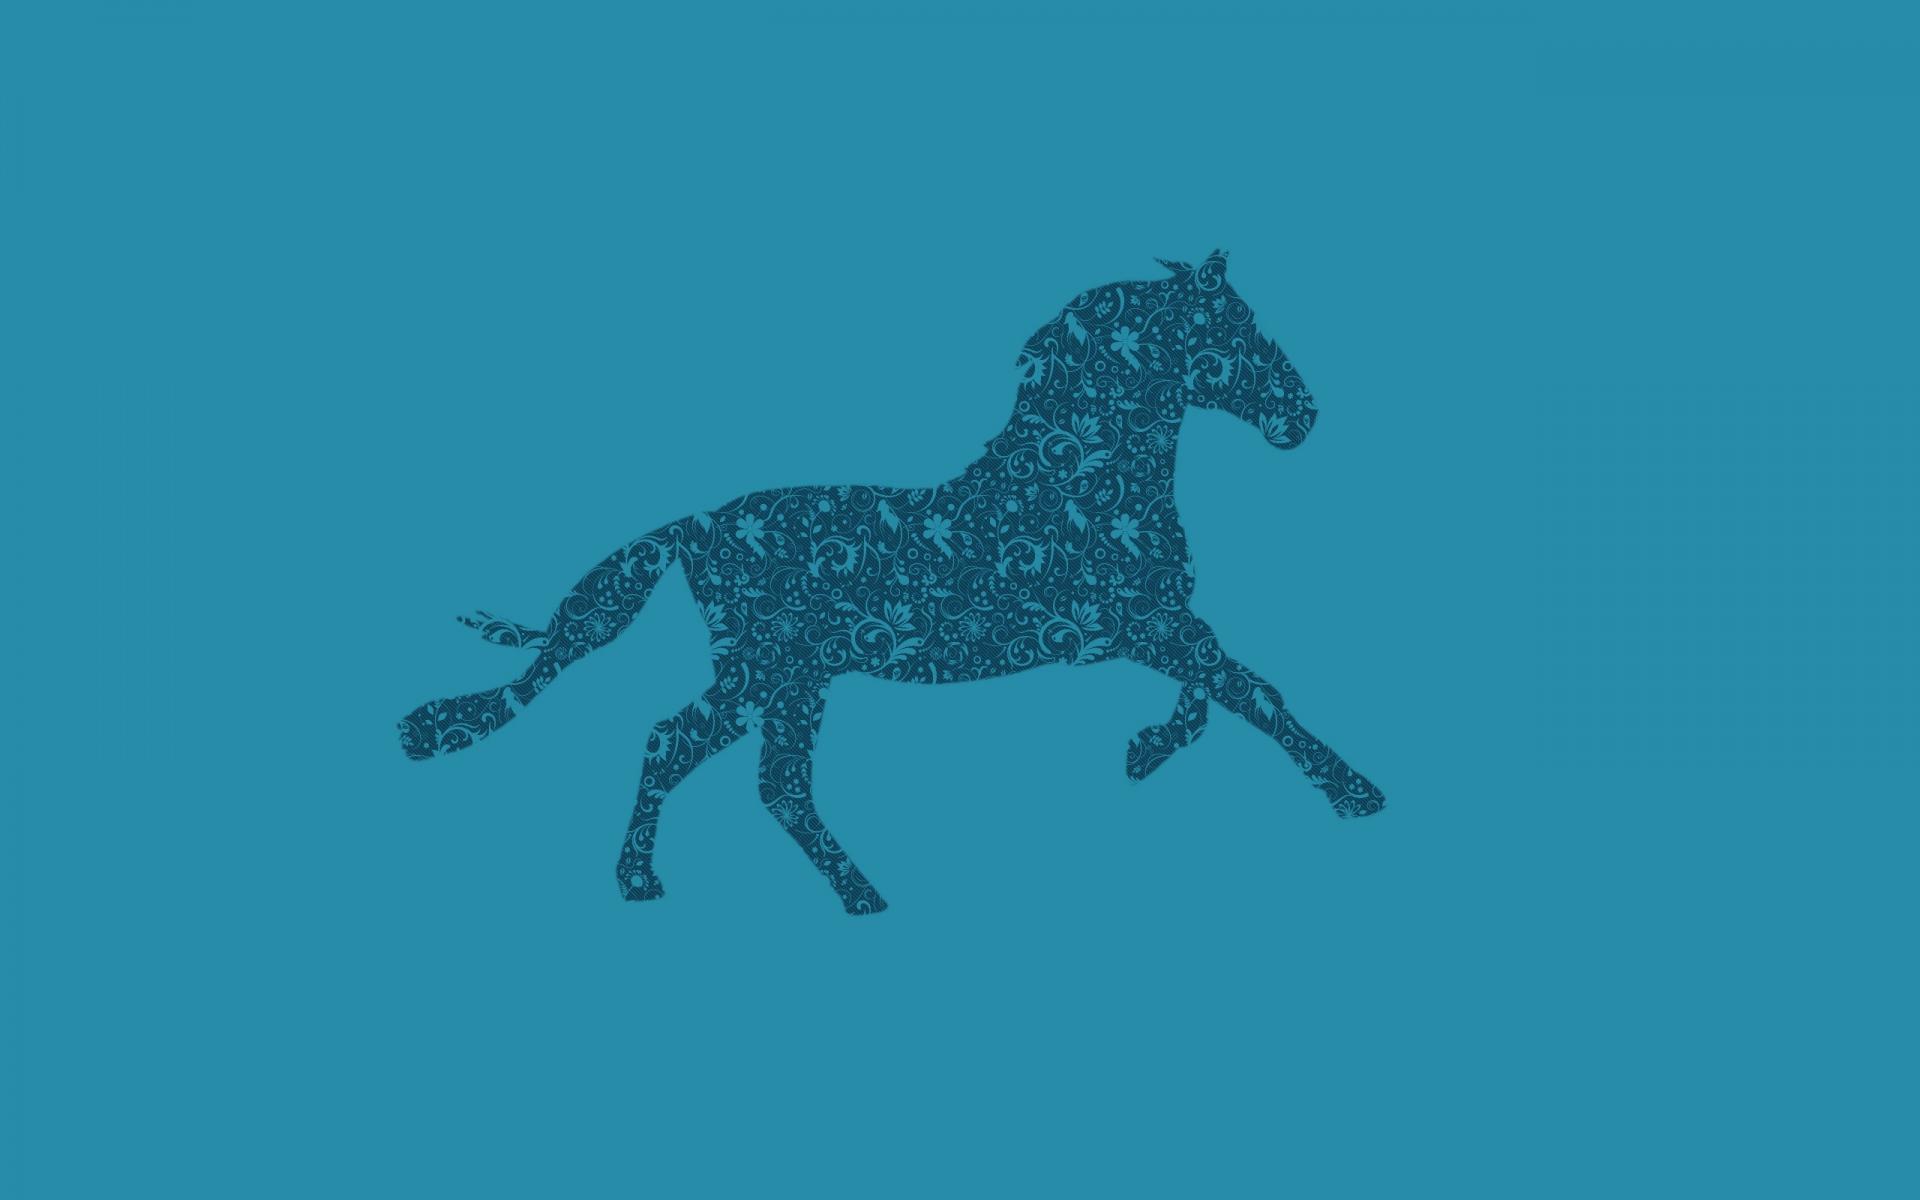 Картинки Лошадь, рисунок, фон, узоры фото и обои на рабочий стол